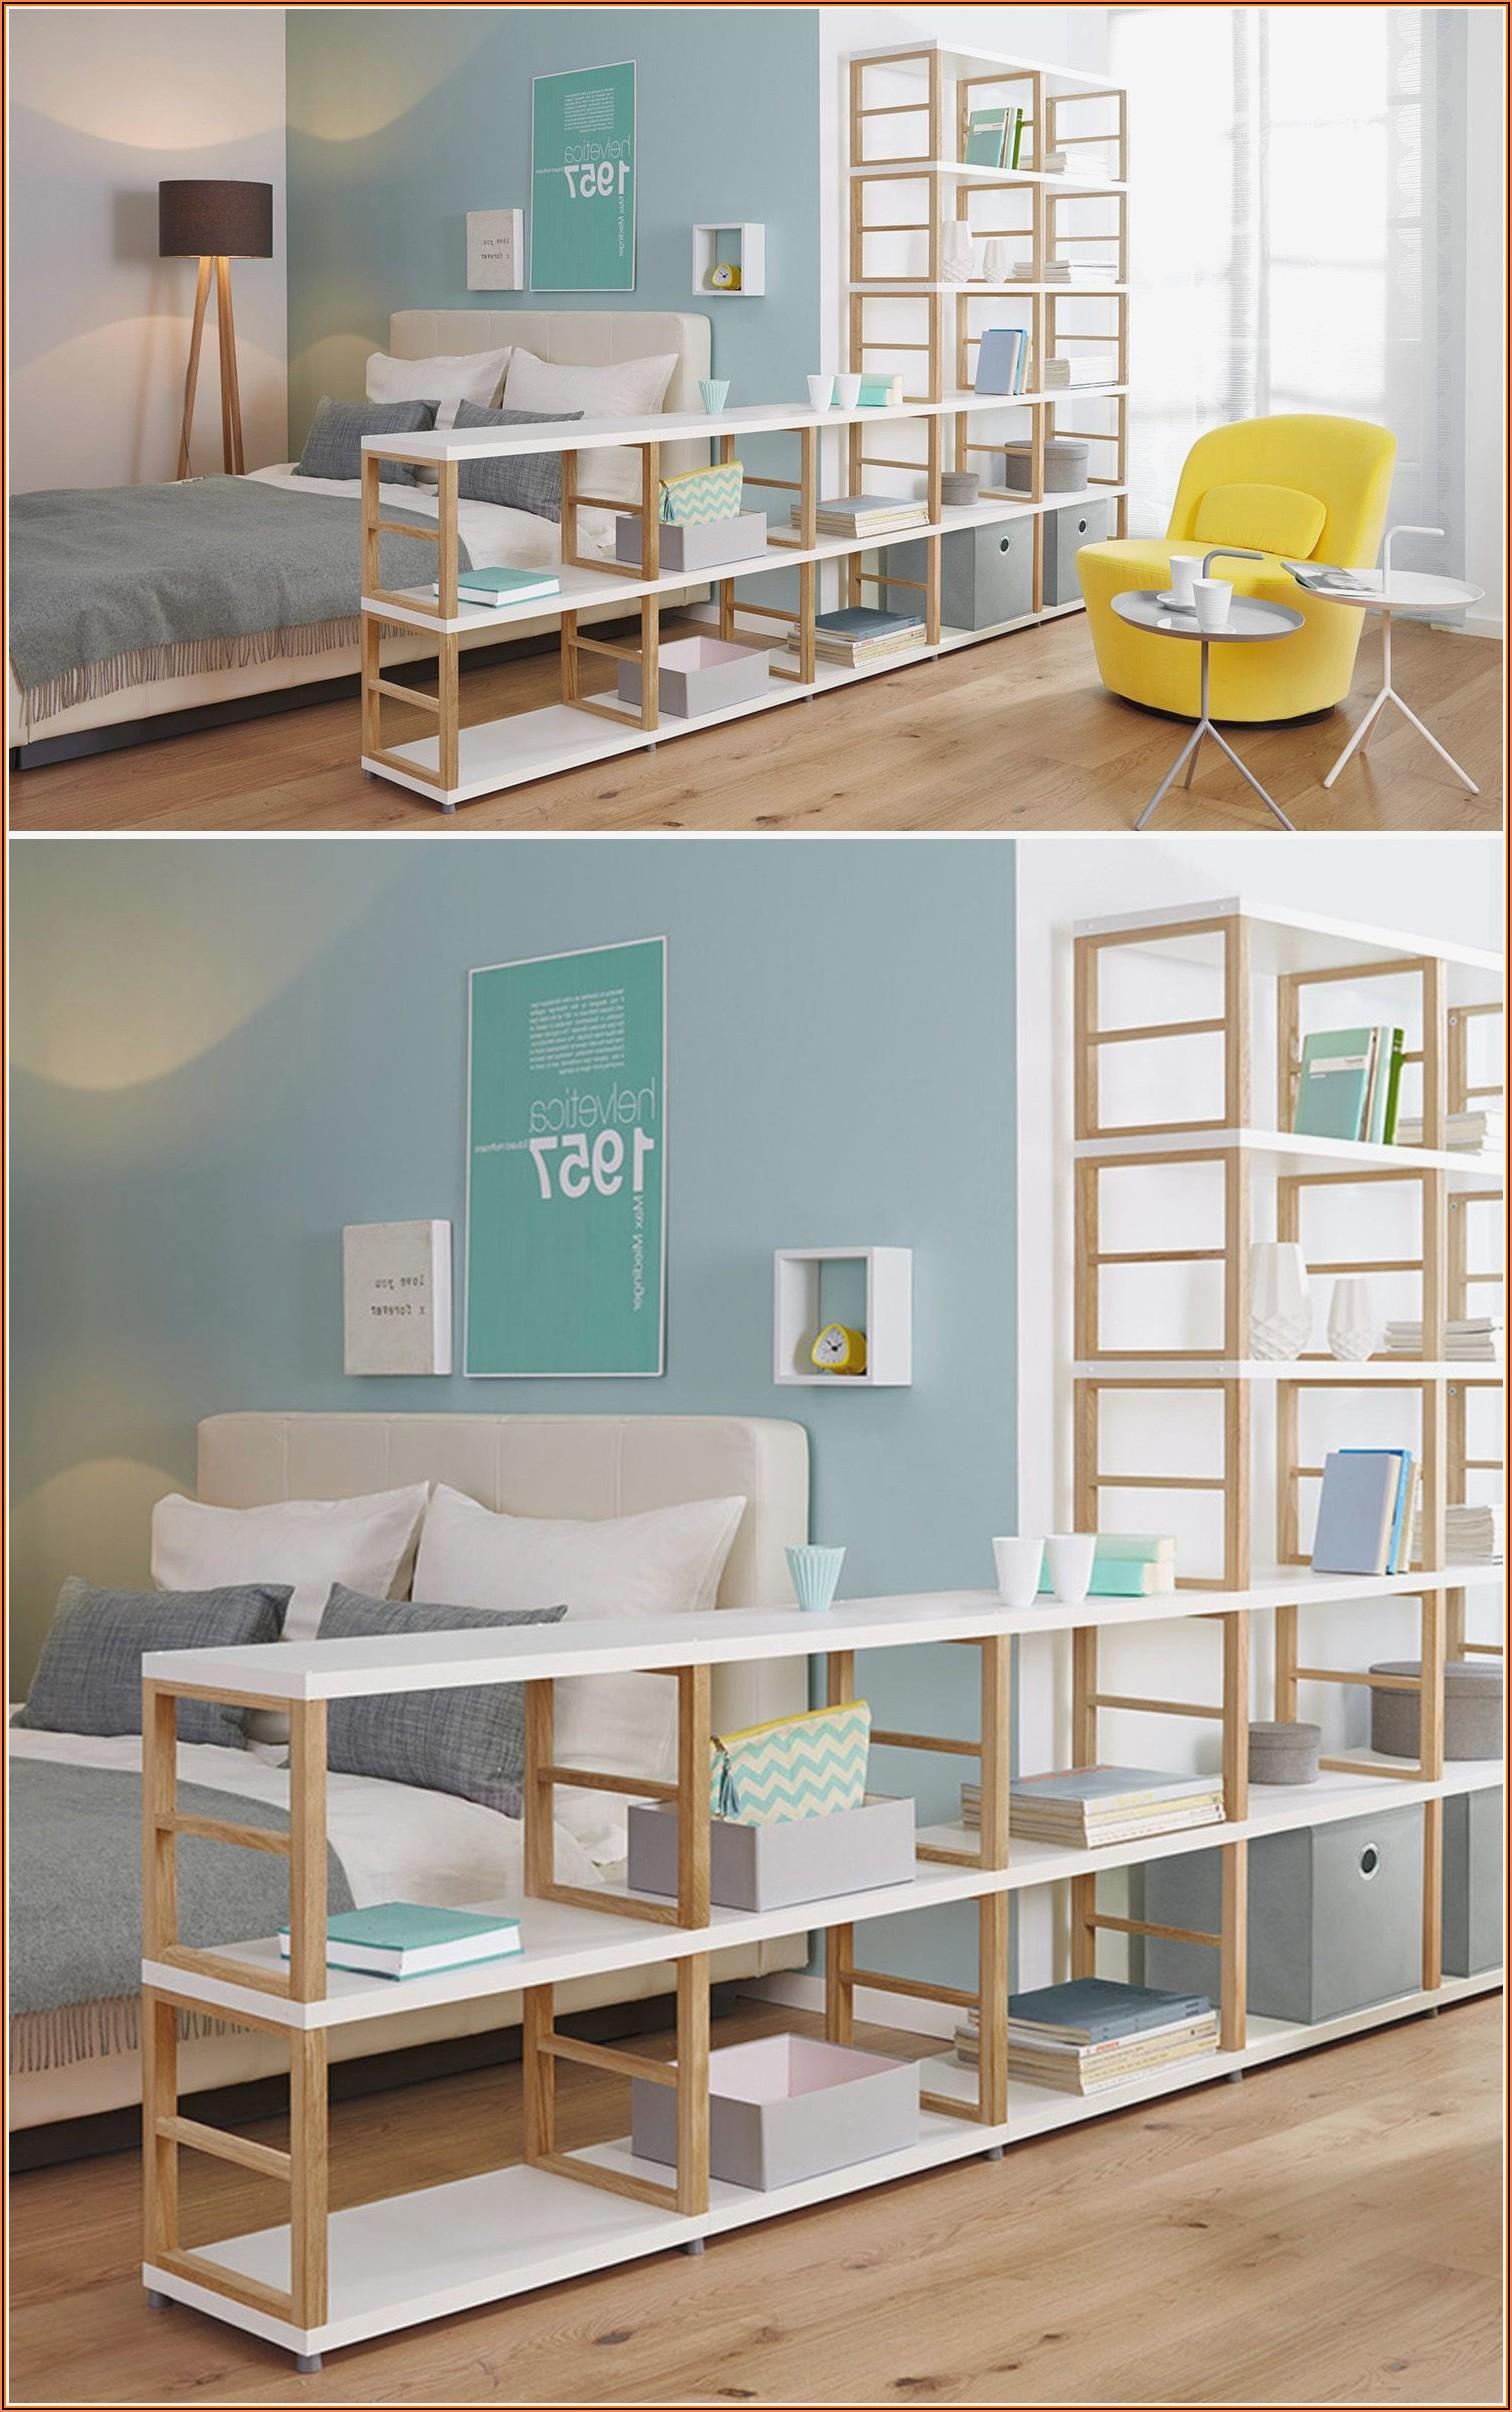 Wohnzimmer Esszimmer Und Arbeitszimmer In Einem Raum